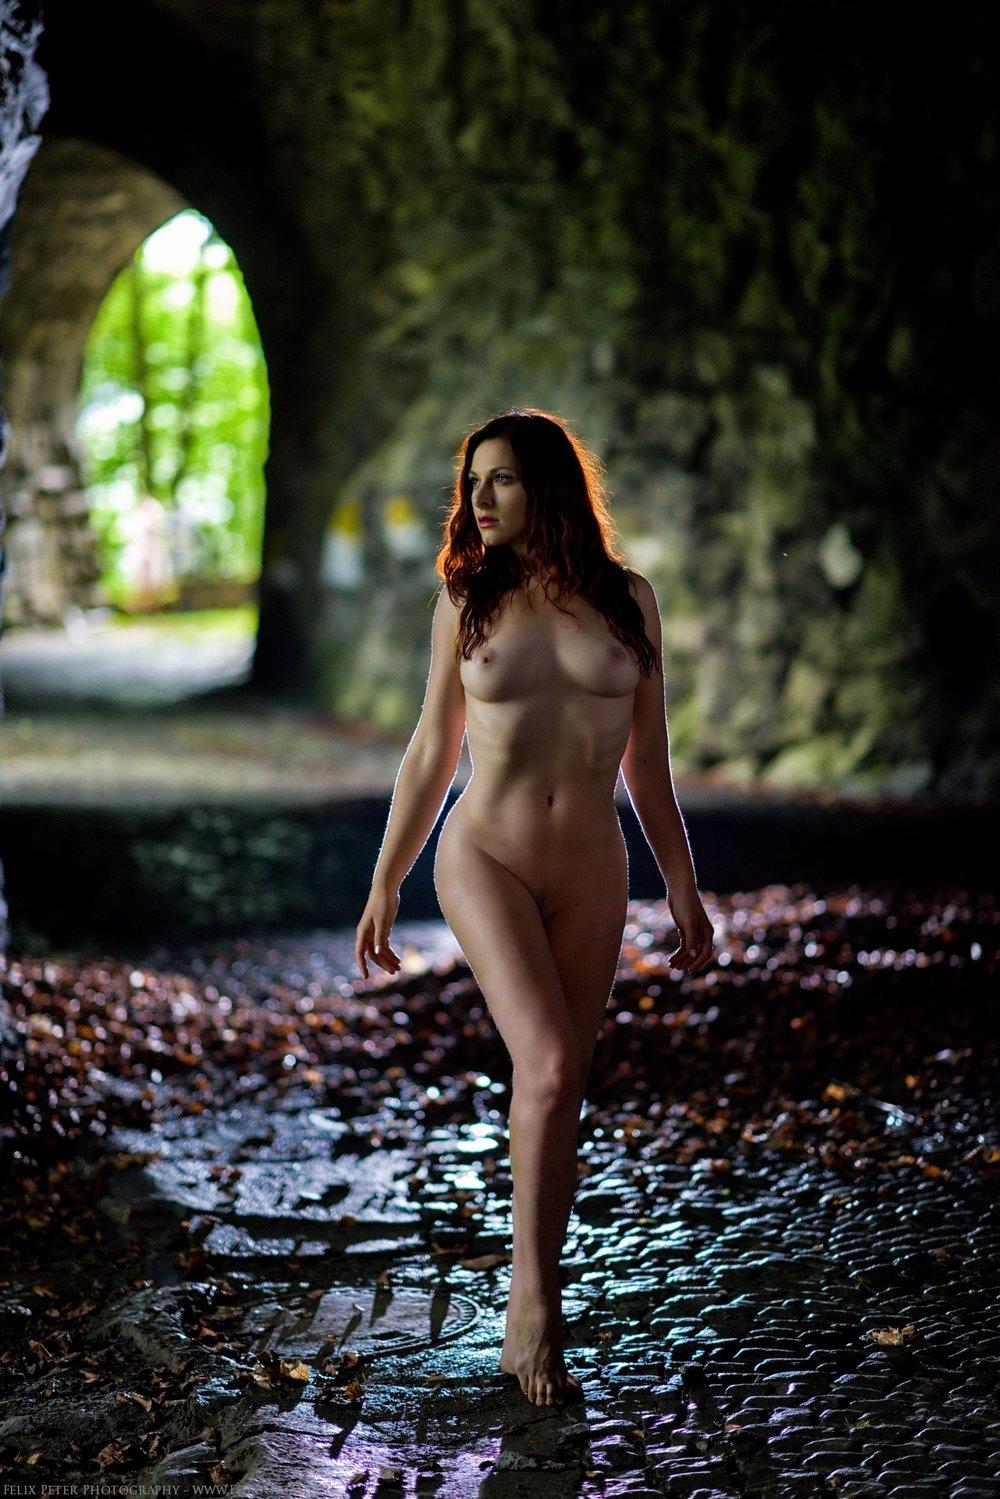 Felix-Peter-NudeArt-Photography_Bern_083.jpg